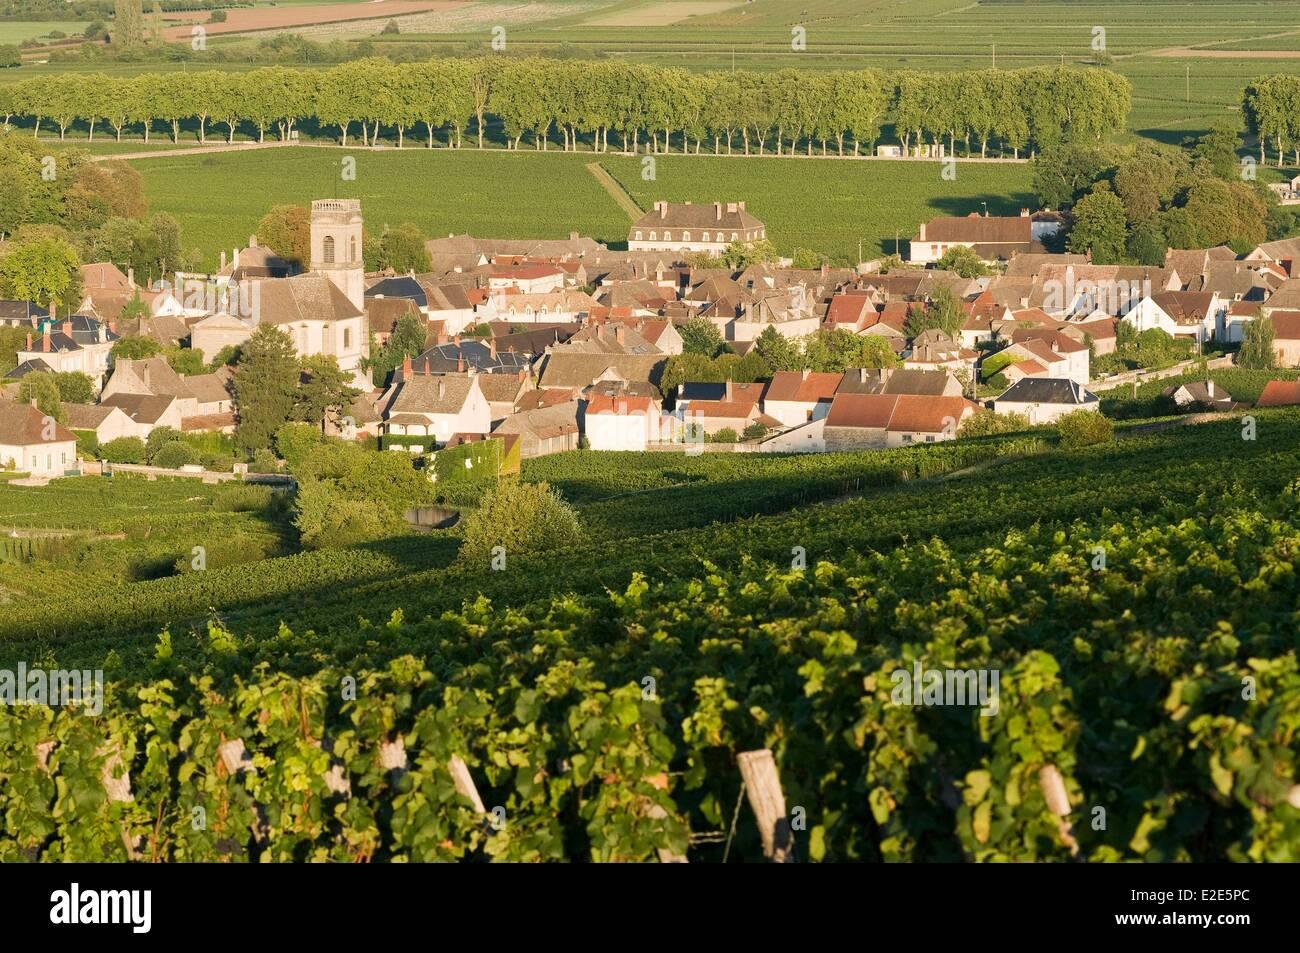 France, Cote d'Or, Pommard, Cote de Beaune, famous vineyard of Burgundy road, village and ChΓteau de Pommard - Stock Image